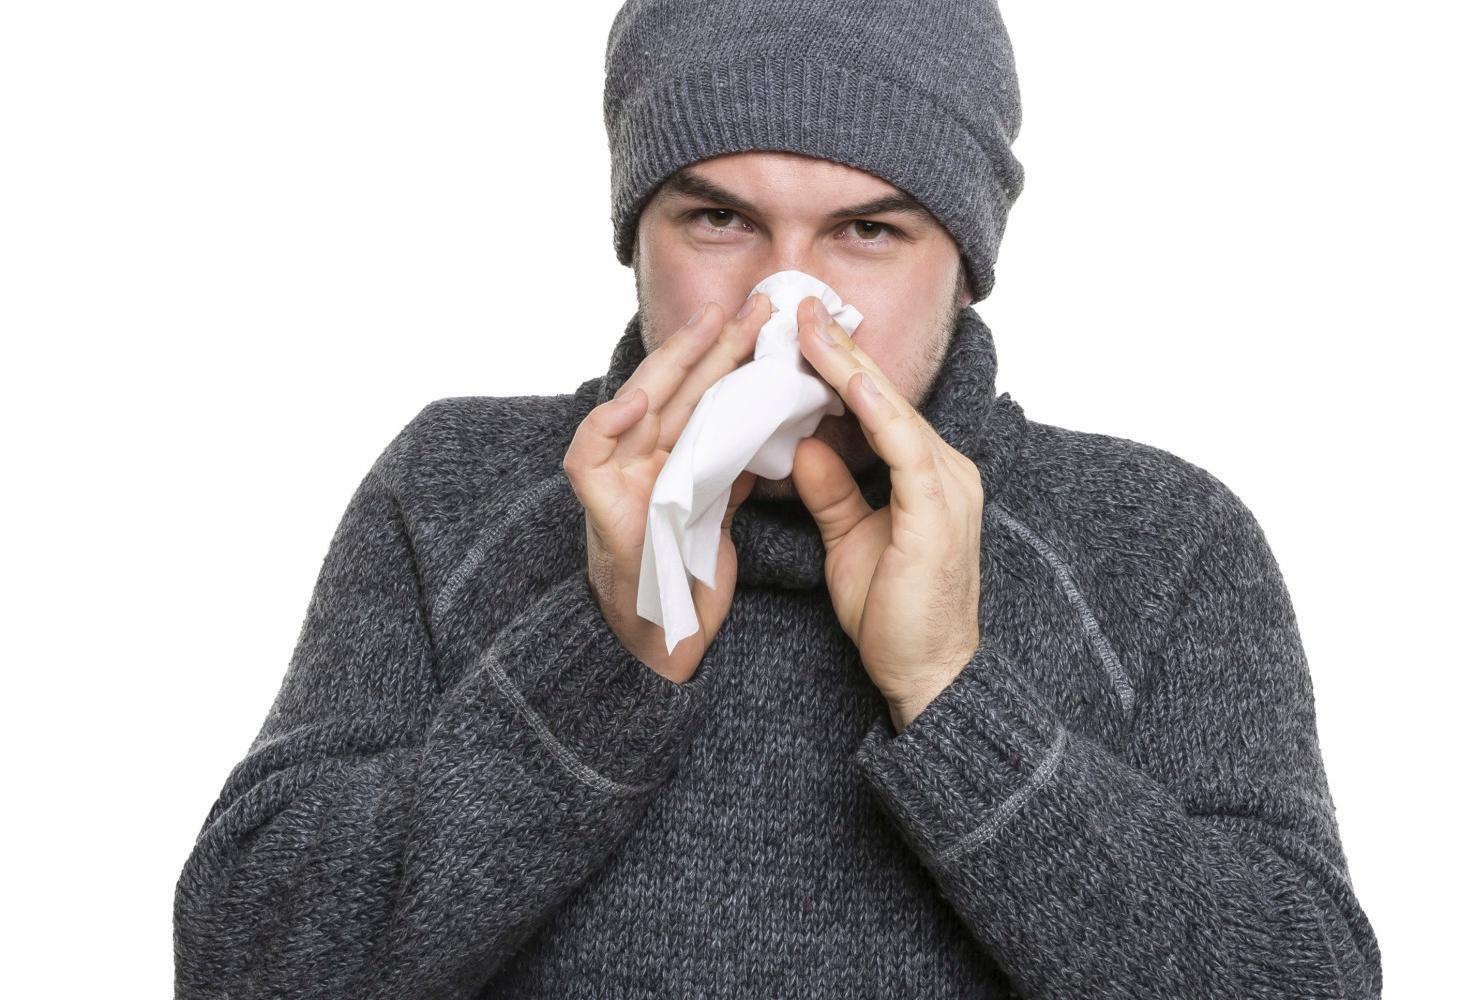 Cara Mengobati Batuk yang Disertai Flu Secara Alami Cara Mengobati Batuk yang Disertai Flu Secara Alami